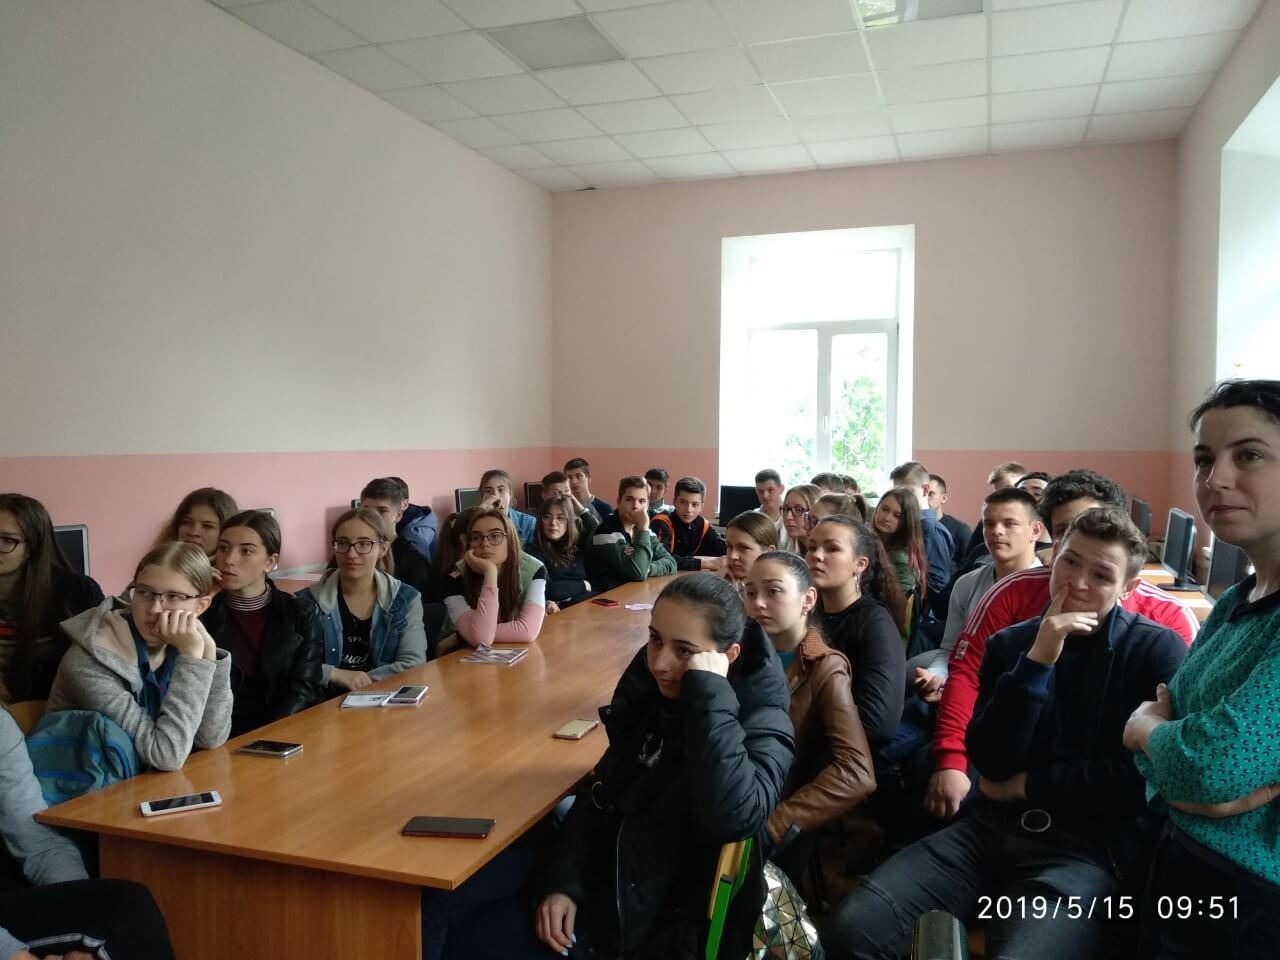 """viber image 2019 05 15 14.35.16 - Всеукраїнський онлайн-урок """"Європа починається з тебе"""""""